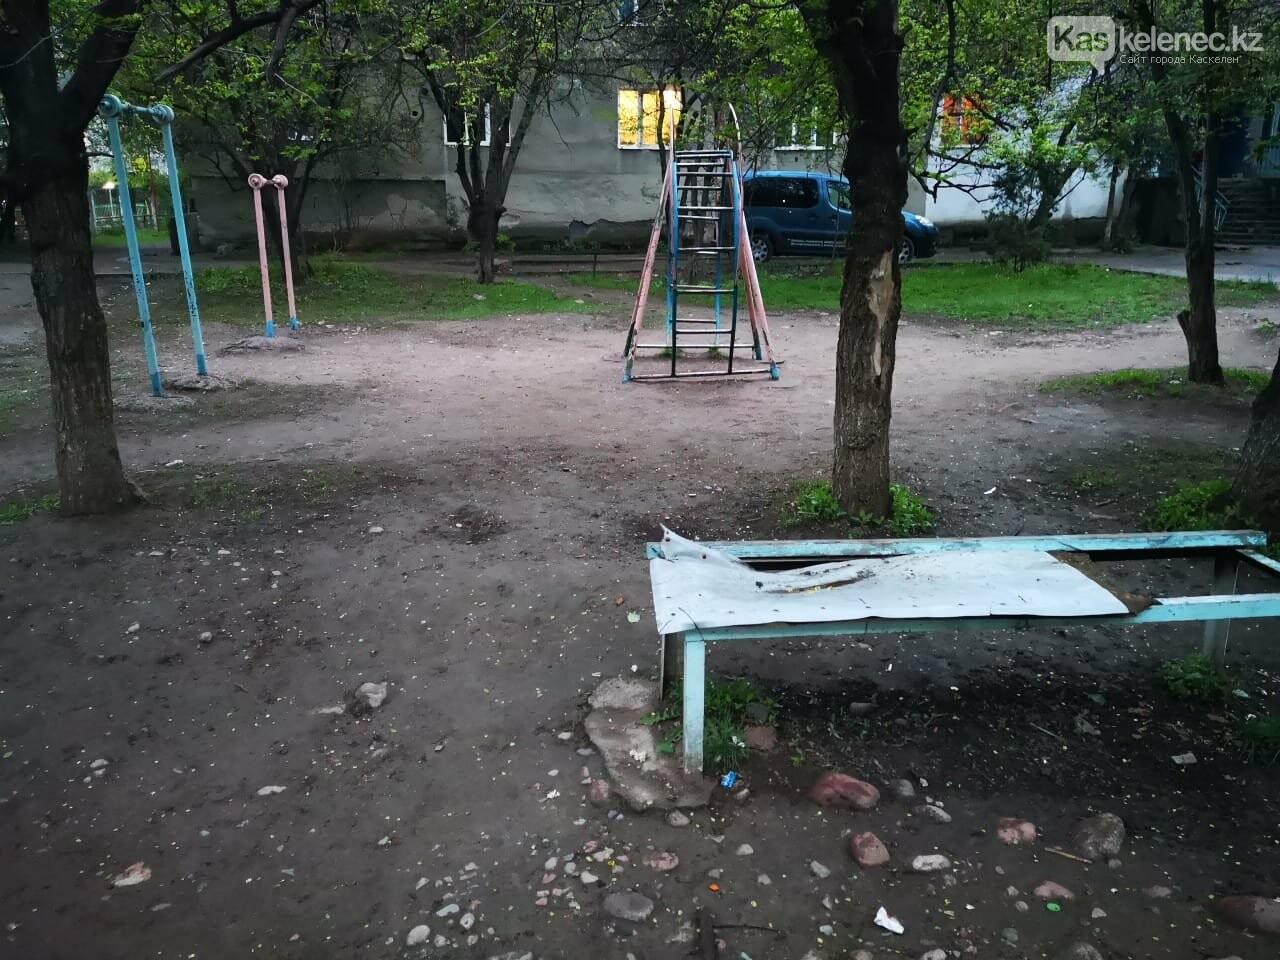 Когда акимат вспомнит о нас? - три года жители Каскелена ждут ремонта в своем дворе, фото-6